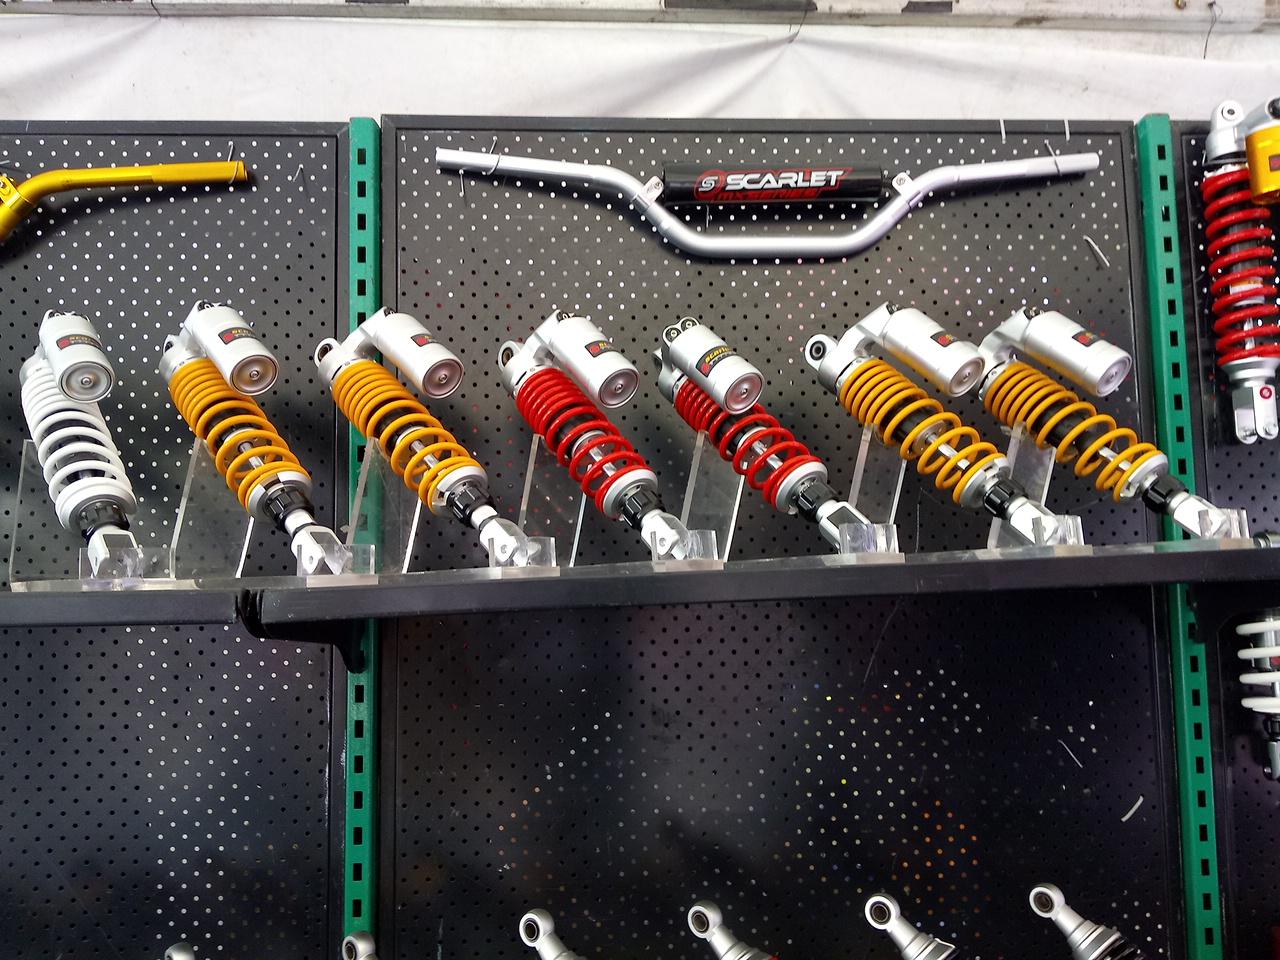 Scarlet Racing Memperkenalkan produk barunya: Carburator